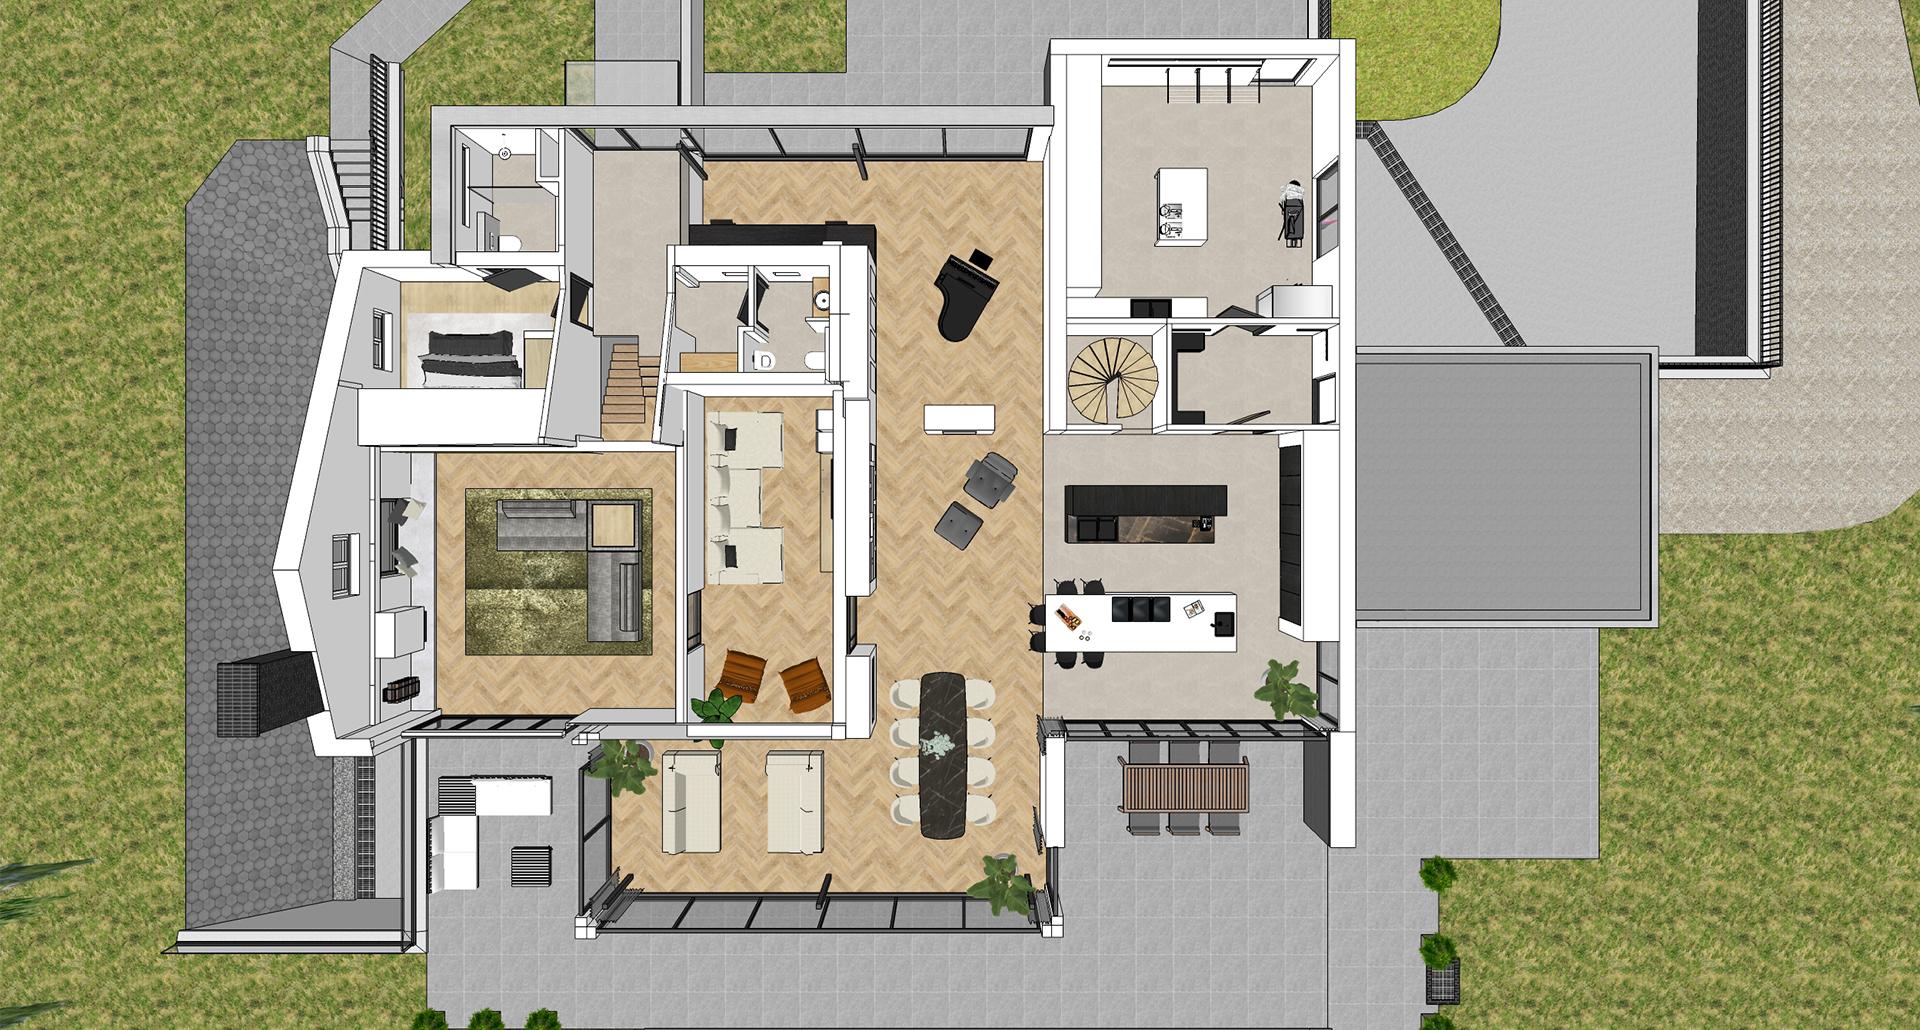 2d 3d bovenaanzicht indeling woonhuis